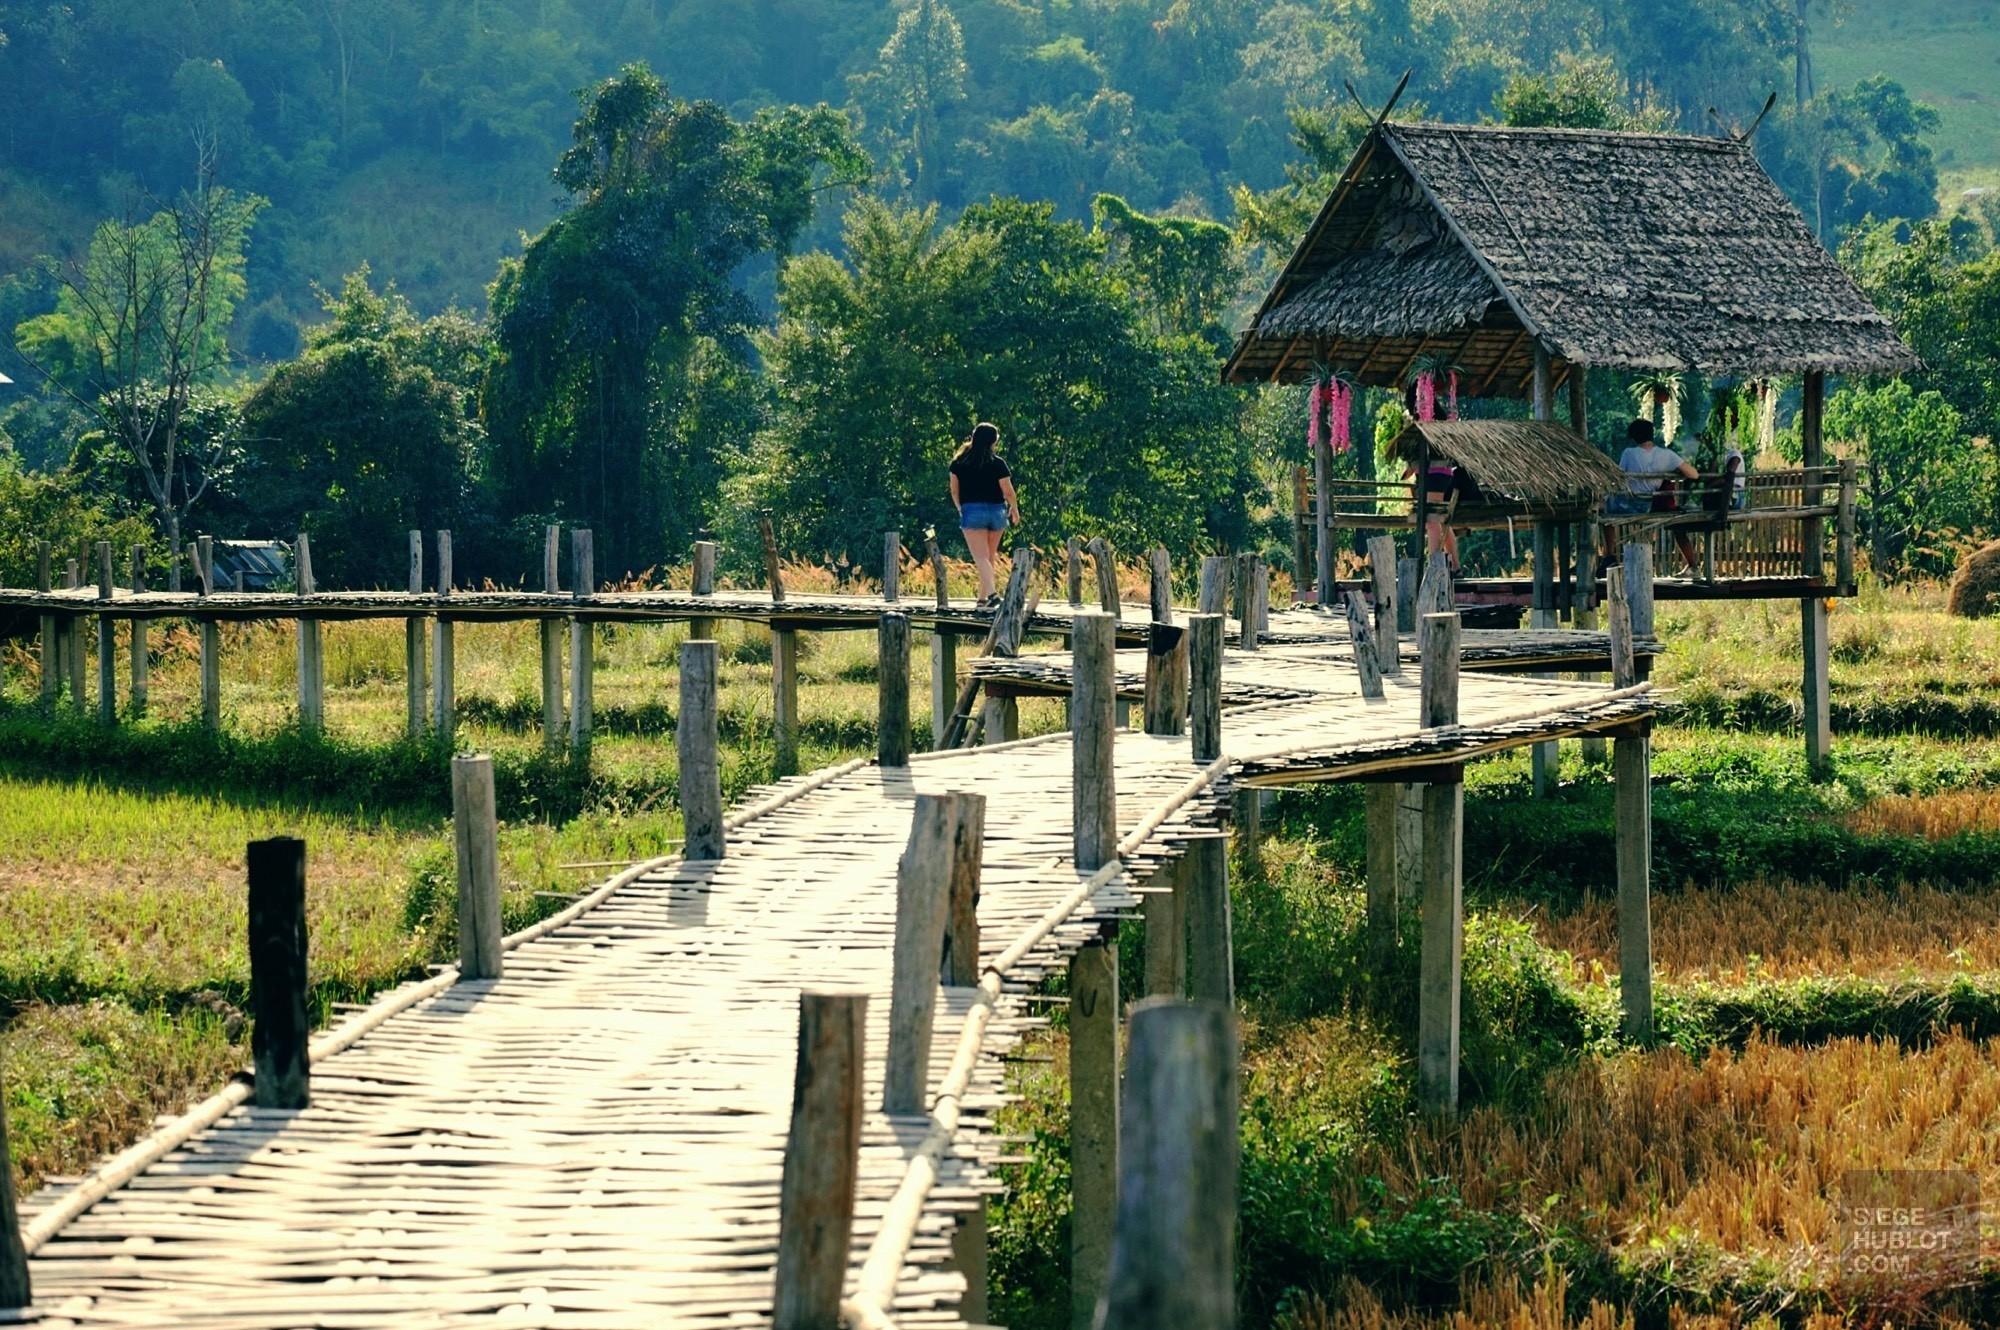 Des paysages fabuleux - Pai et la fraicheur des montagnes - Asie, Thaïlande